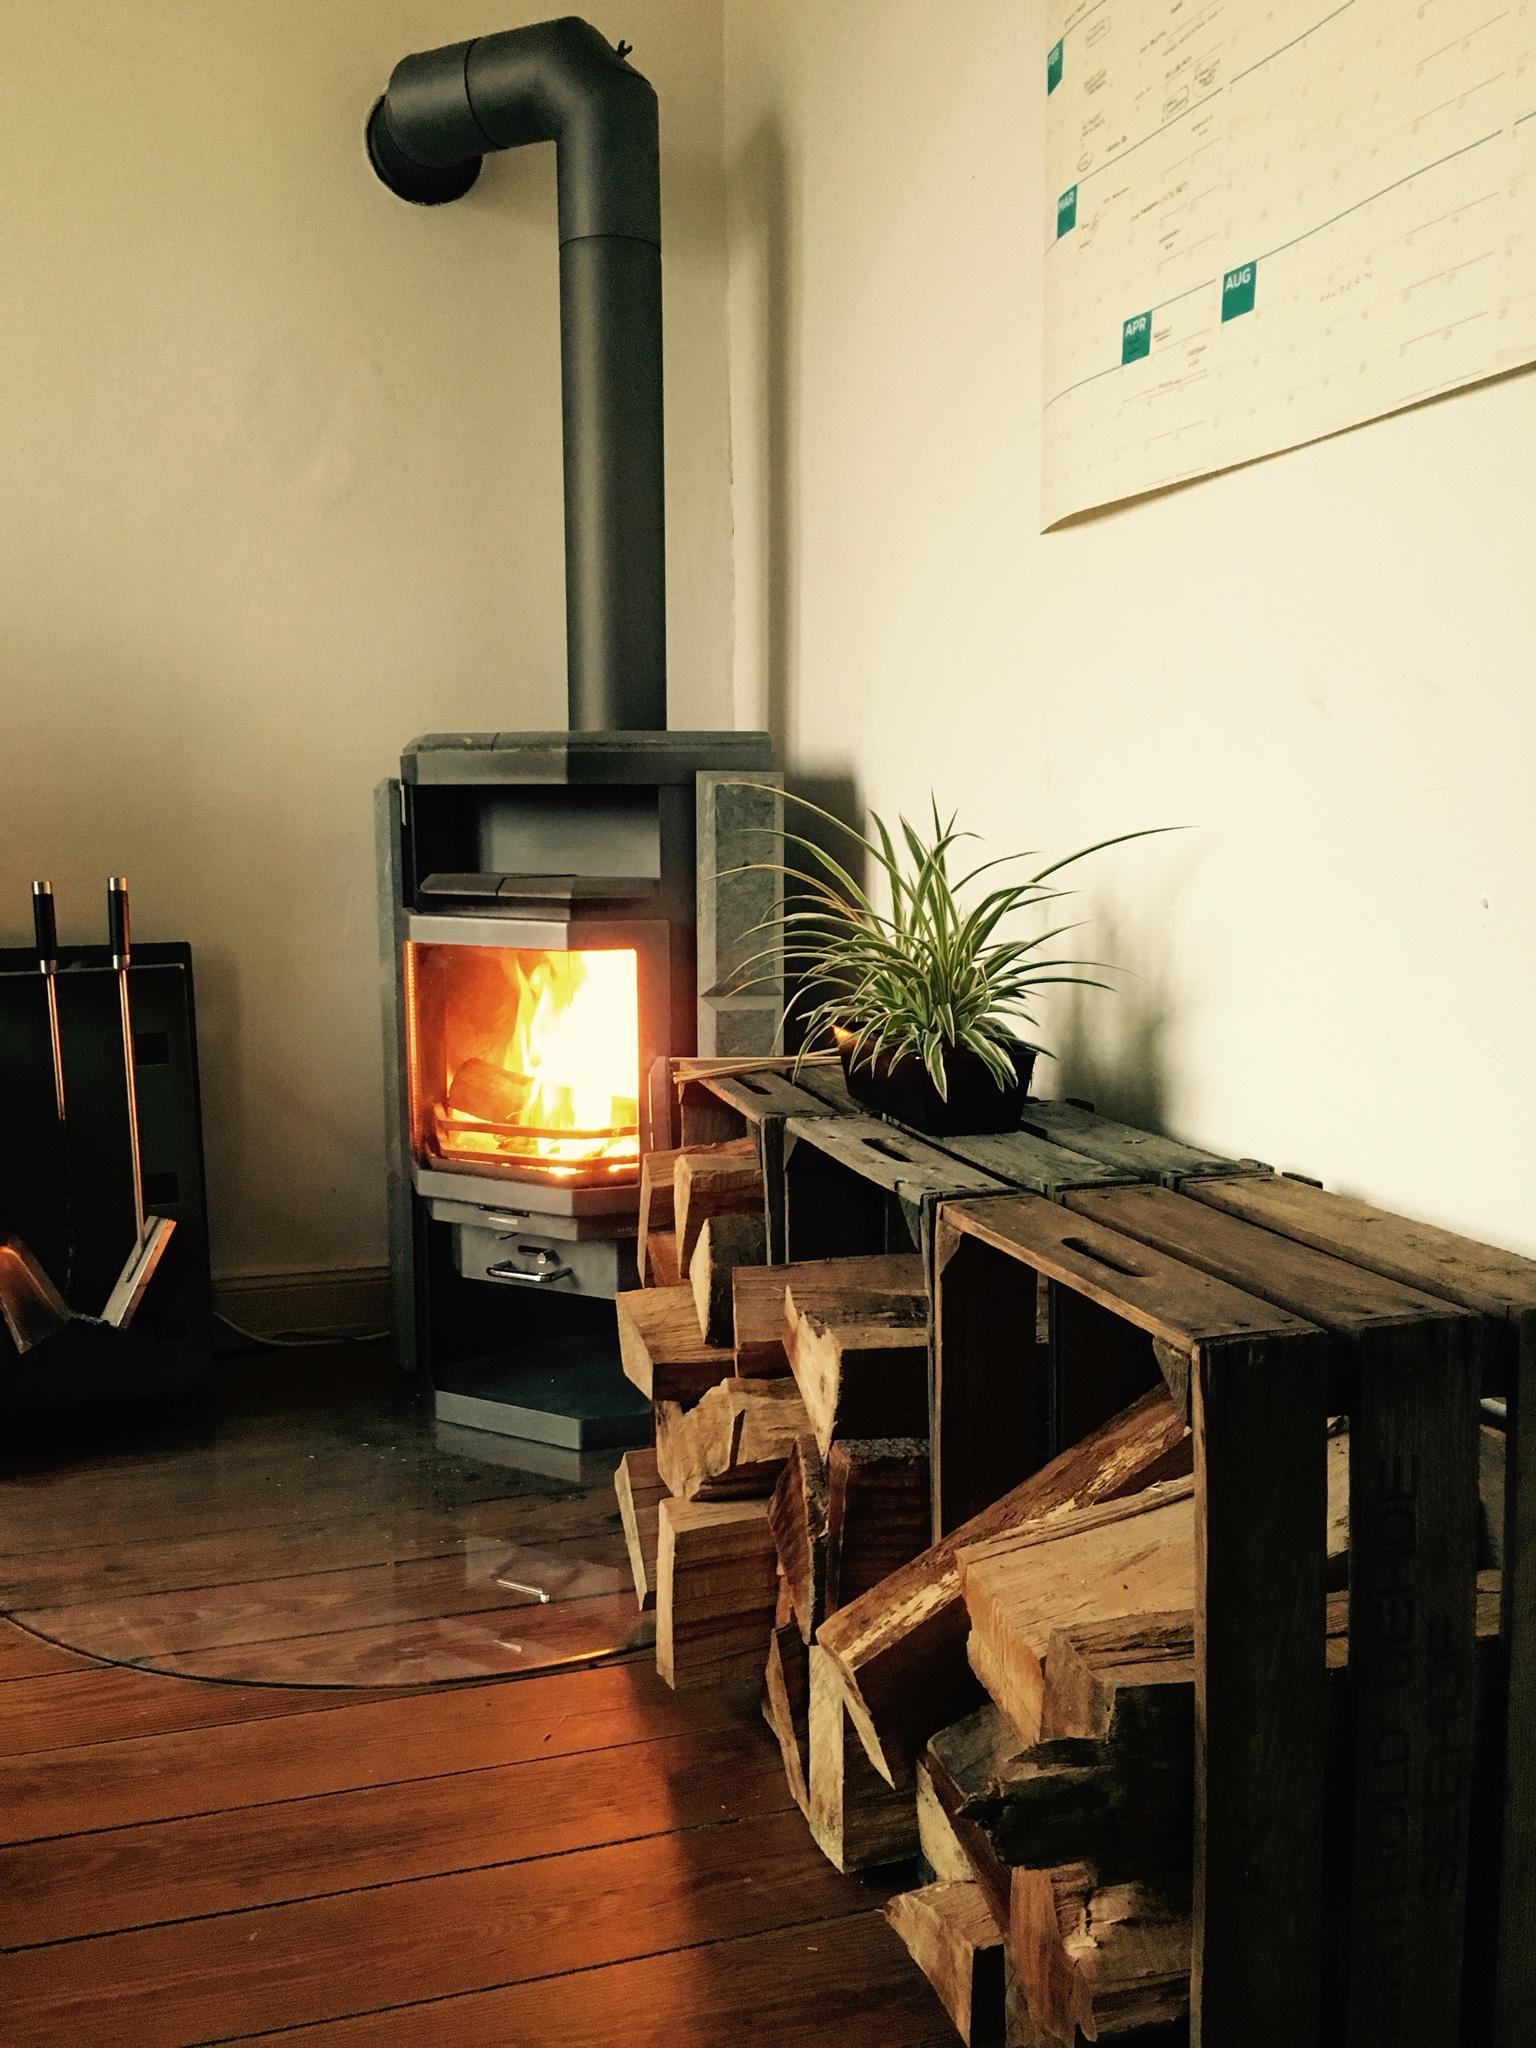 Brennholz Aufgefllt Schwedenofen Kaminholzaufbewahrung Weinkisten Ofen Winterkannkommen